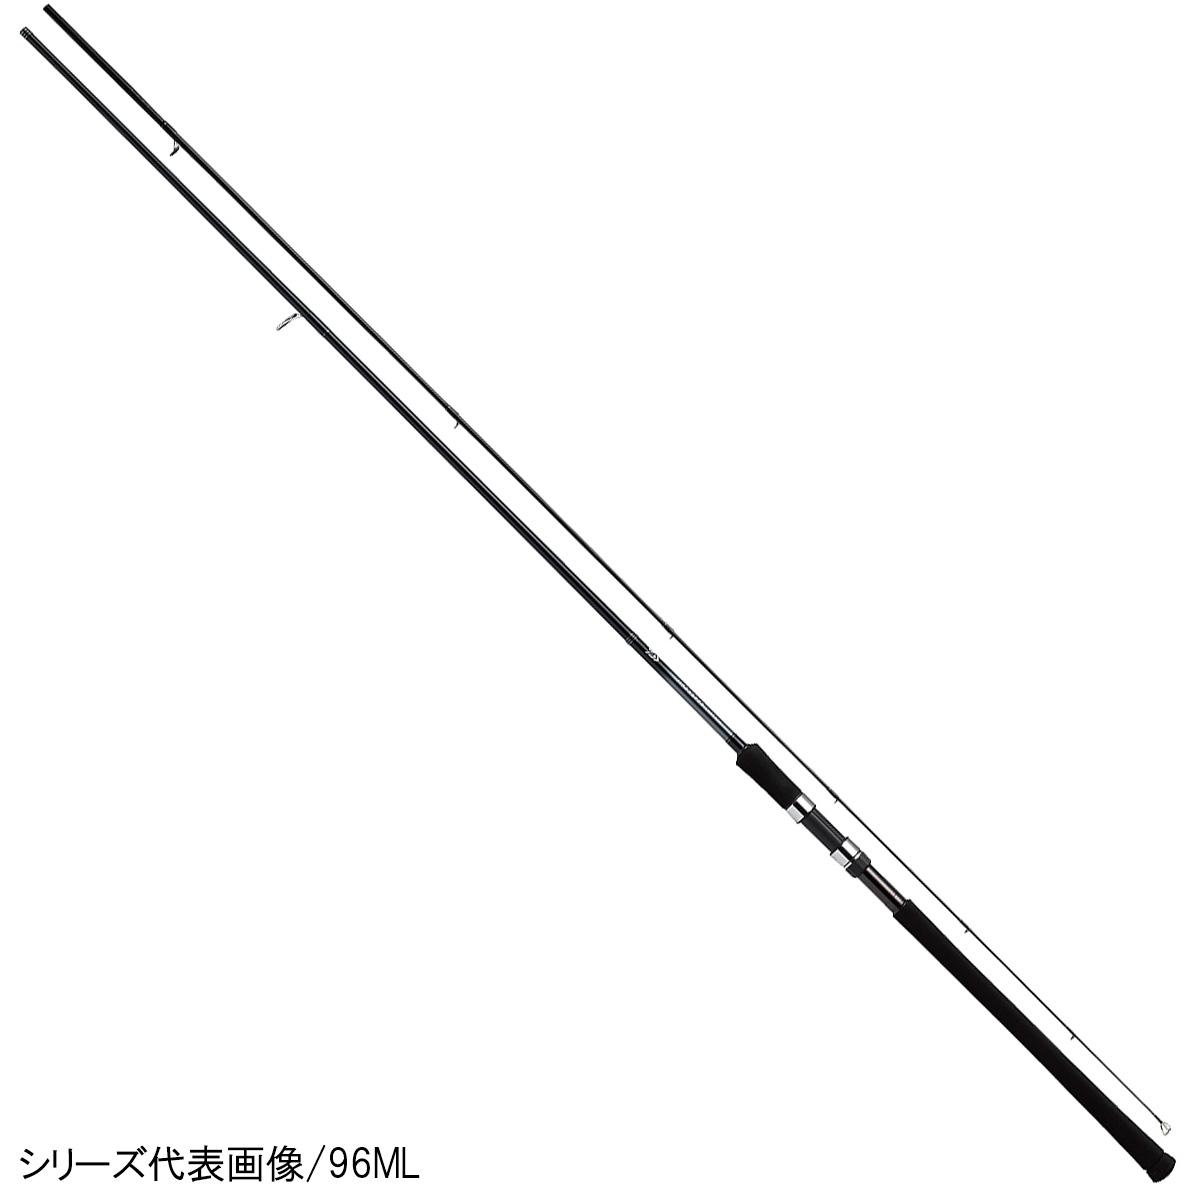 ダイワ ジグキャスター ライト 100ML【大型商品】(東日本店)